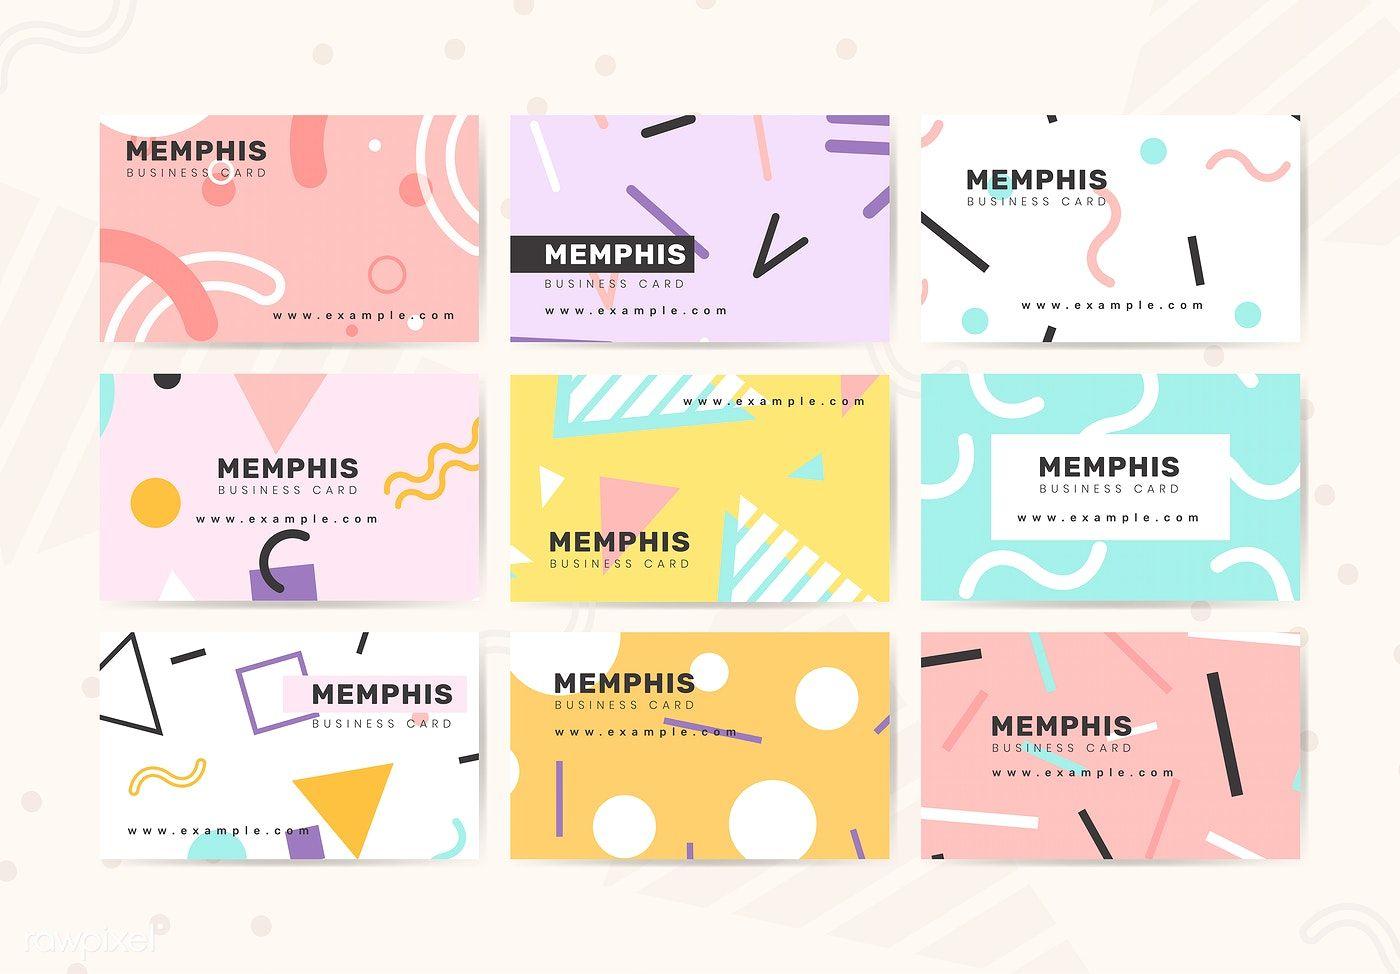 Download Premium Vector Of Memphis Name Card Design Vector 584753 Name Card Design Business Card Design Vector Business Card